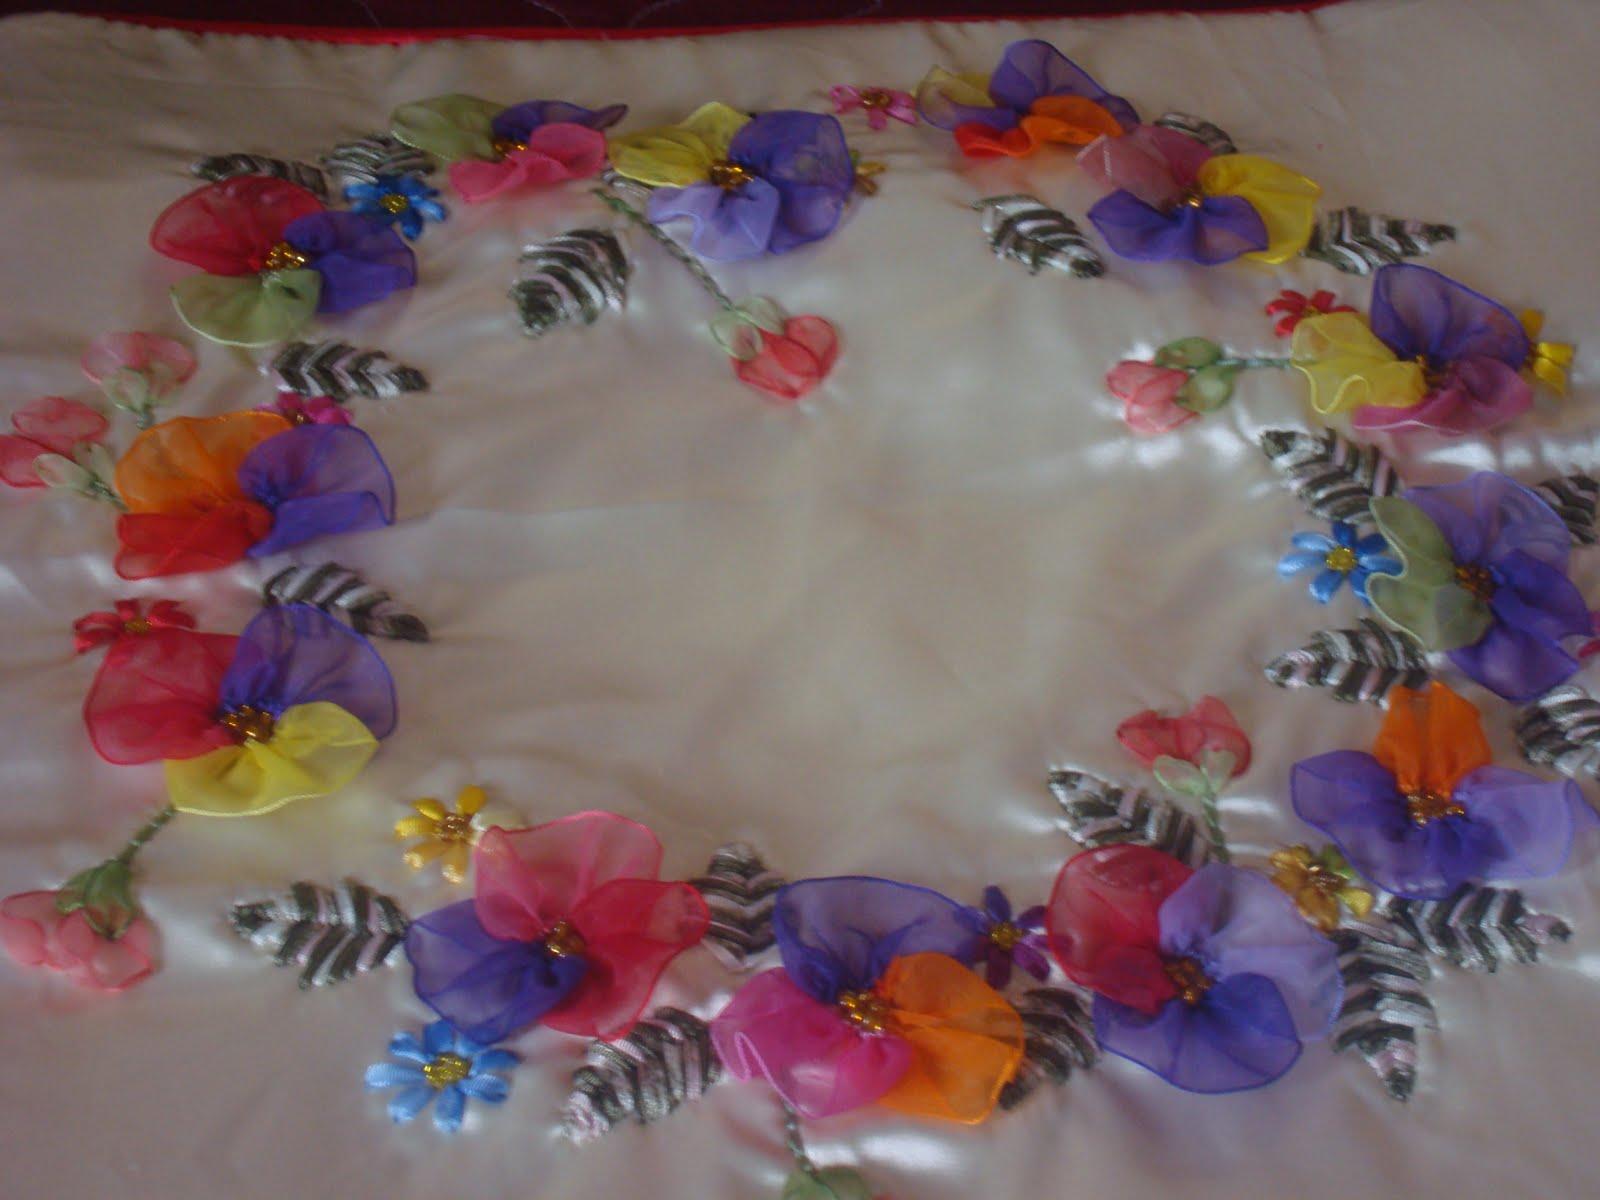 Set De Baño En Cinta:es hermoso diseñar hermosos modelos de cojines sabanas juegos de